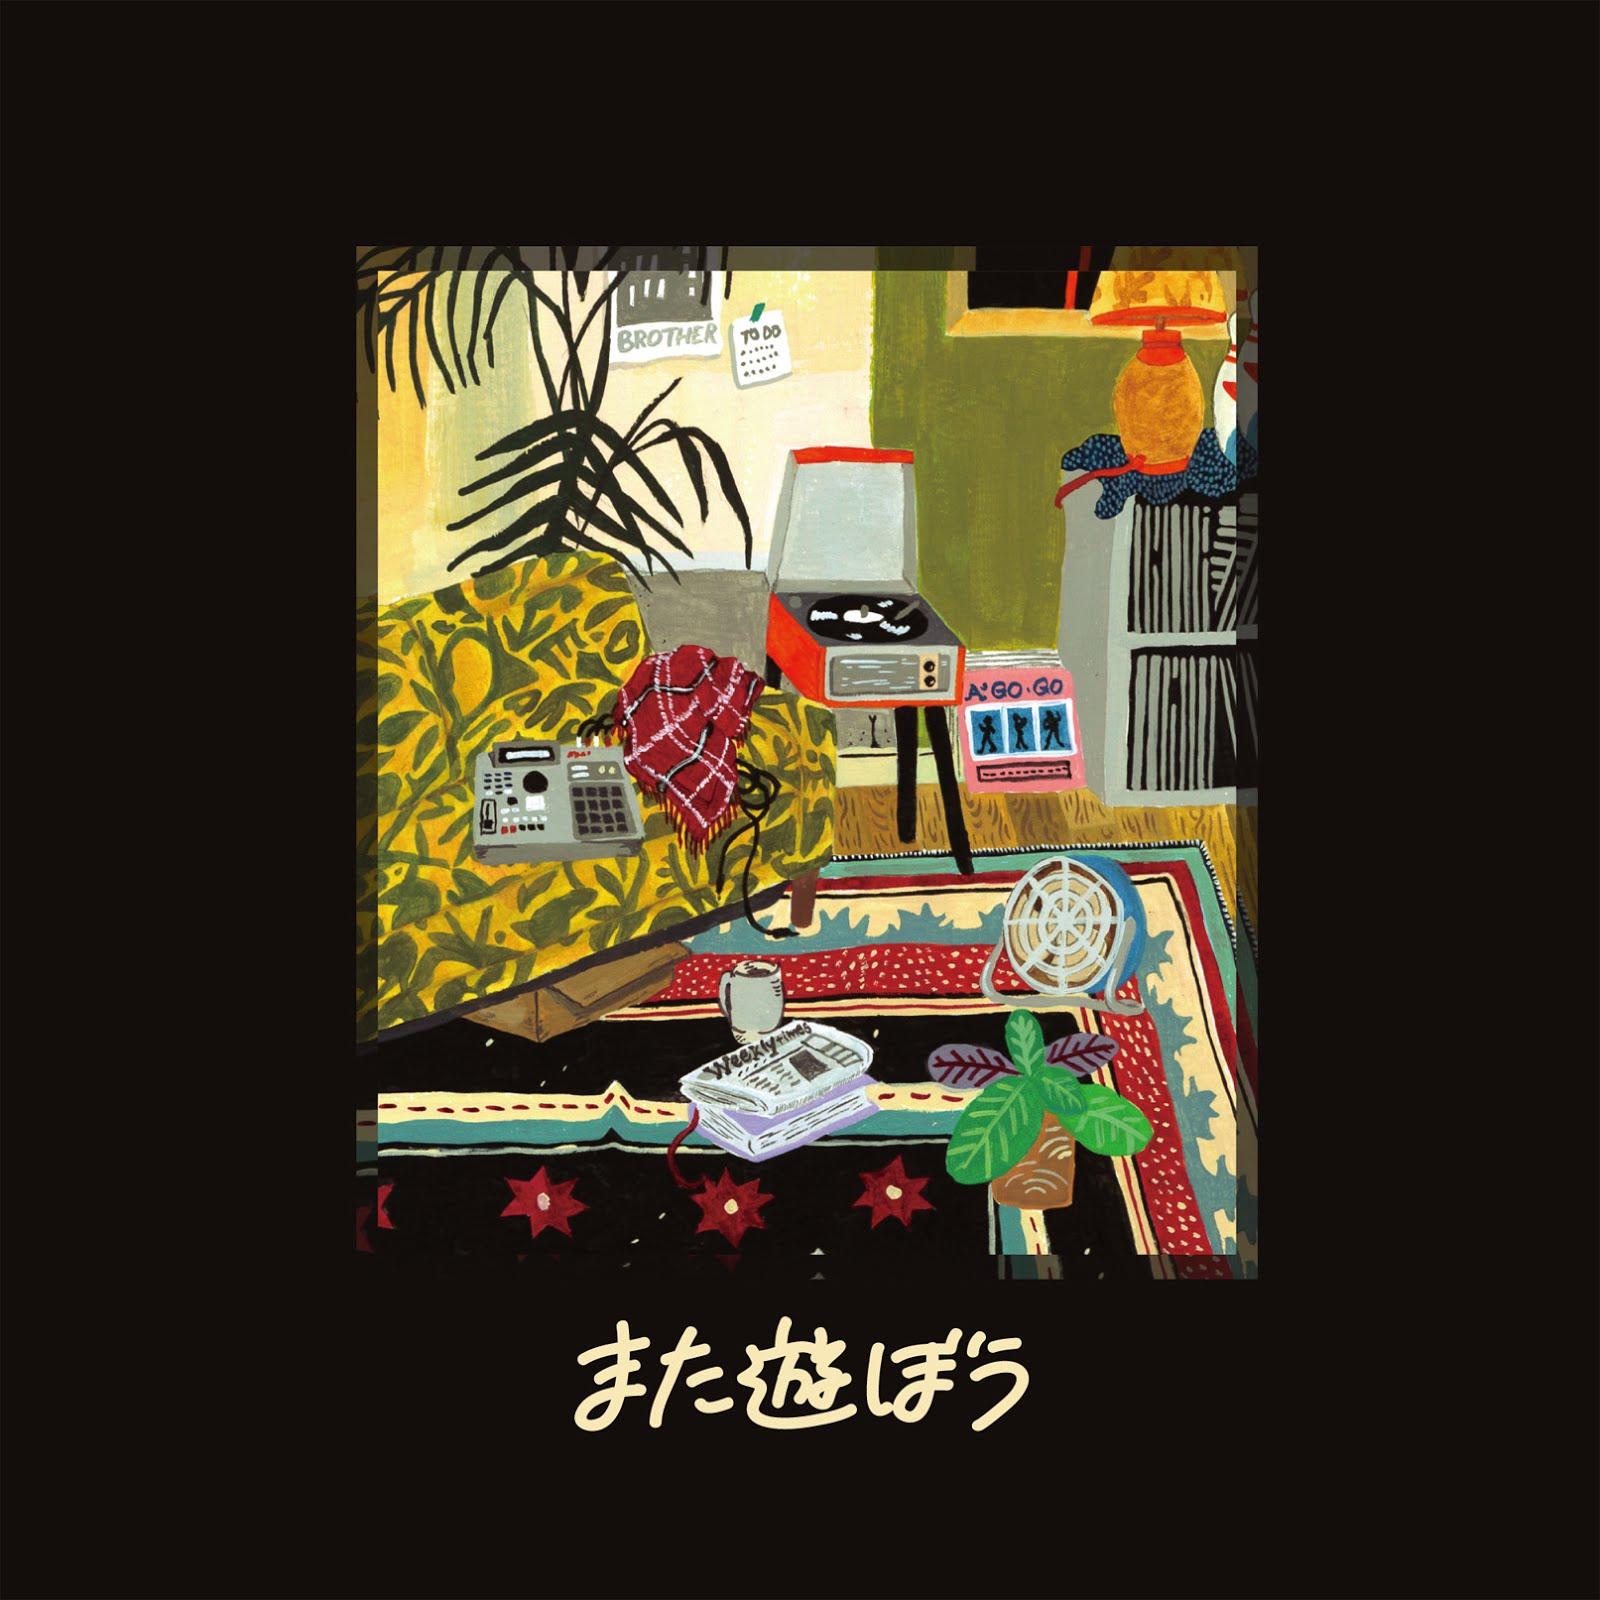 また遊ぼう[CD-R Edition]